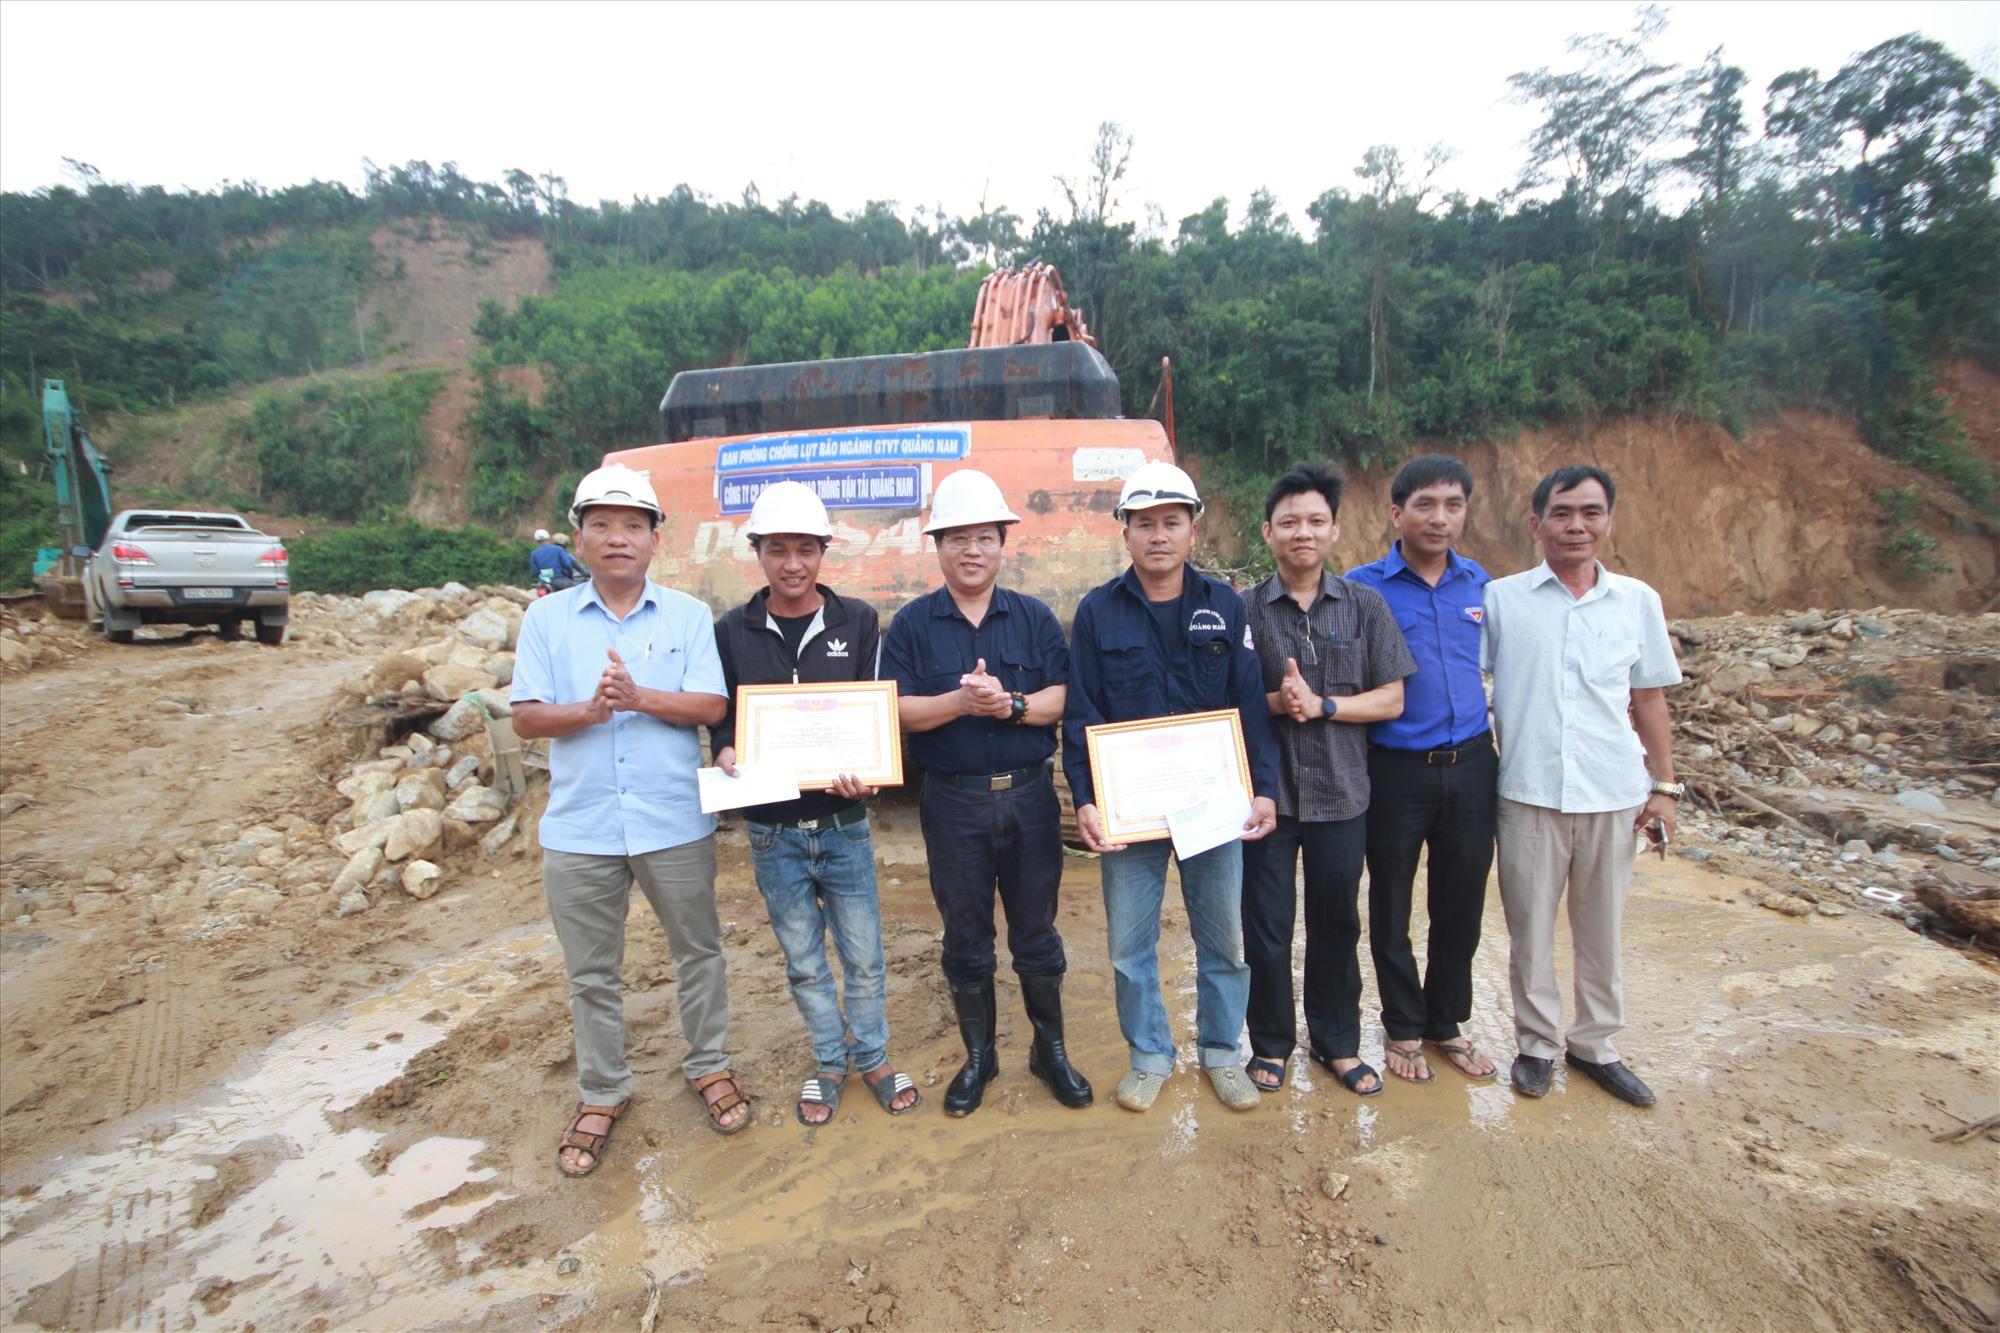 Ông Văn Anh Tuấn cùng đoàn công tác của Sở Giao thông vận tải đến động viên, tặng giấy khen cho hai lái máy công trình có nhiều nỗ lực trong việc thông tuyến vào xã Phước Thành, Phước Lộc. Ảnh: T.C